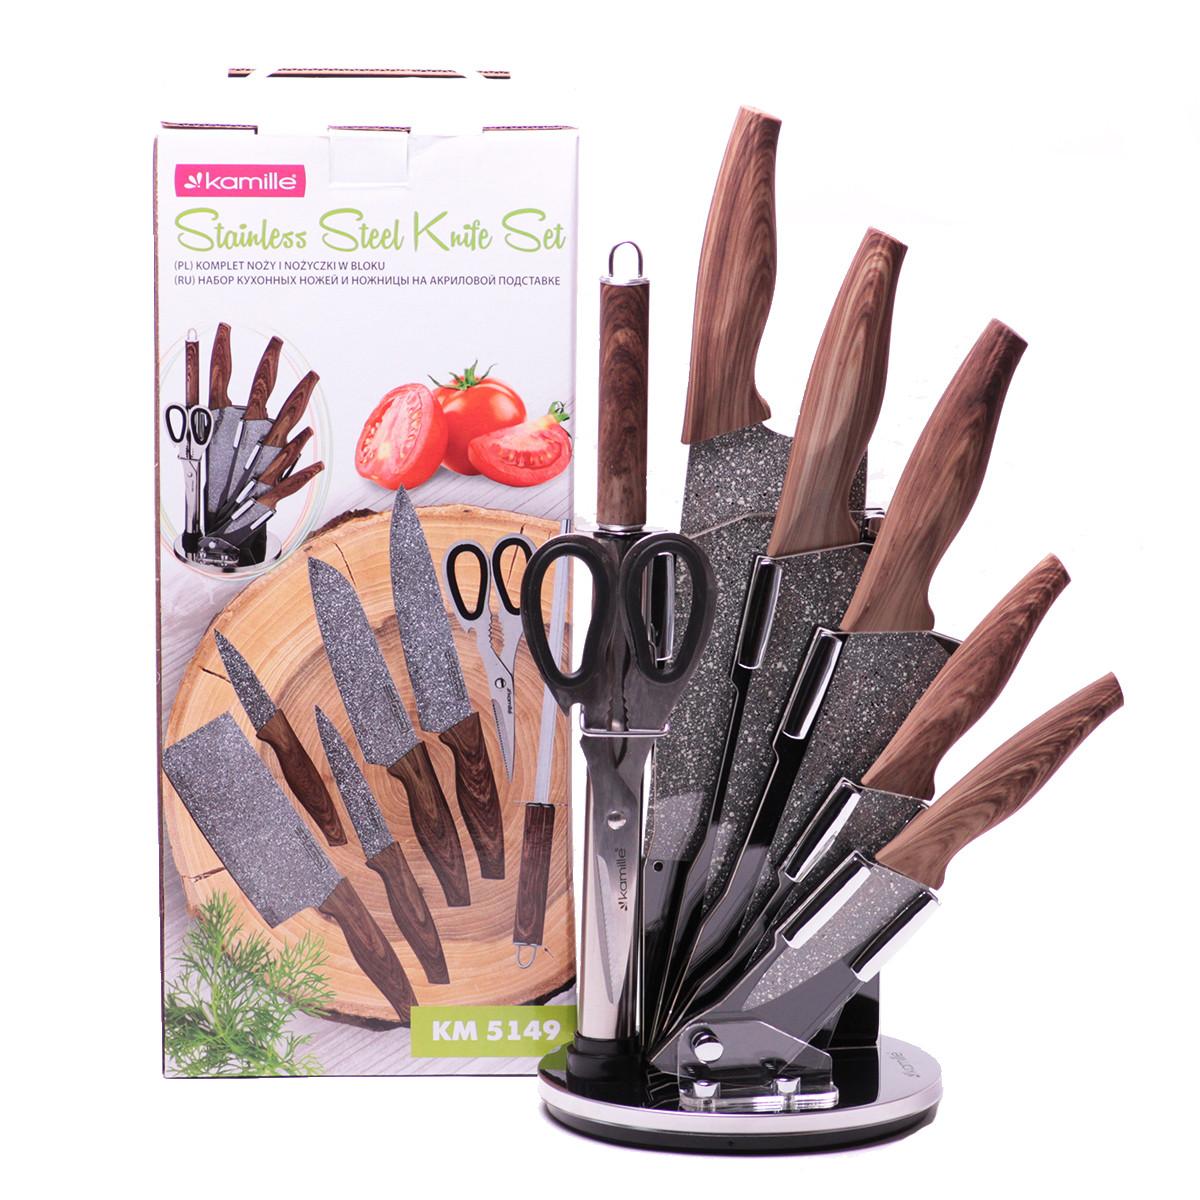 Набор кухонных ножей Kamille и ножницы на акриловой подставке 8 предметов KM-5149